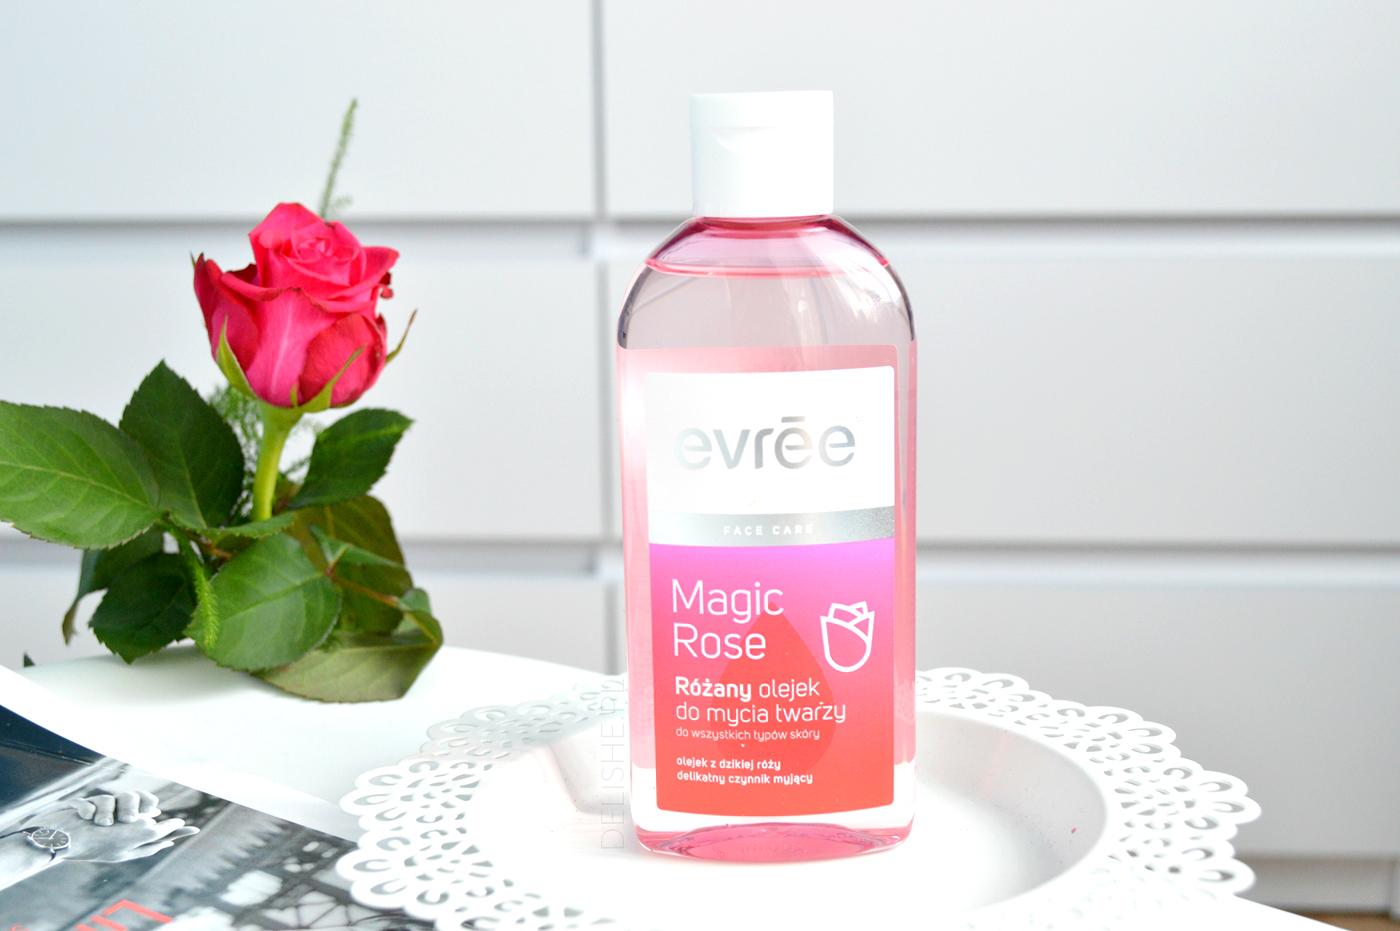 olejek do mycia twarzy evree blog